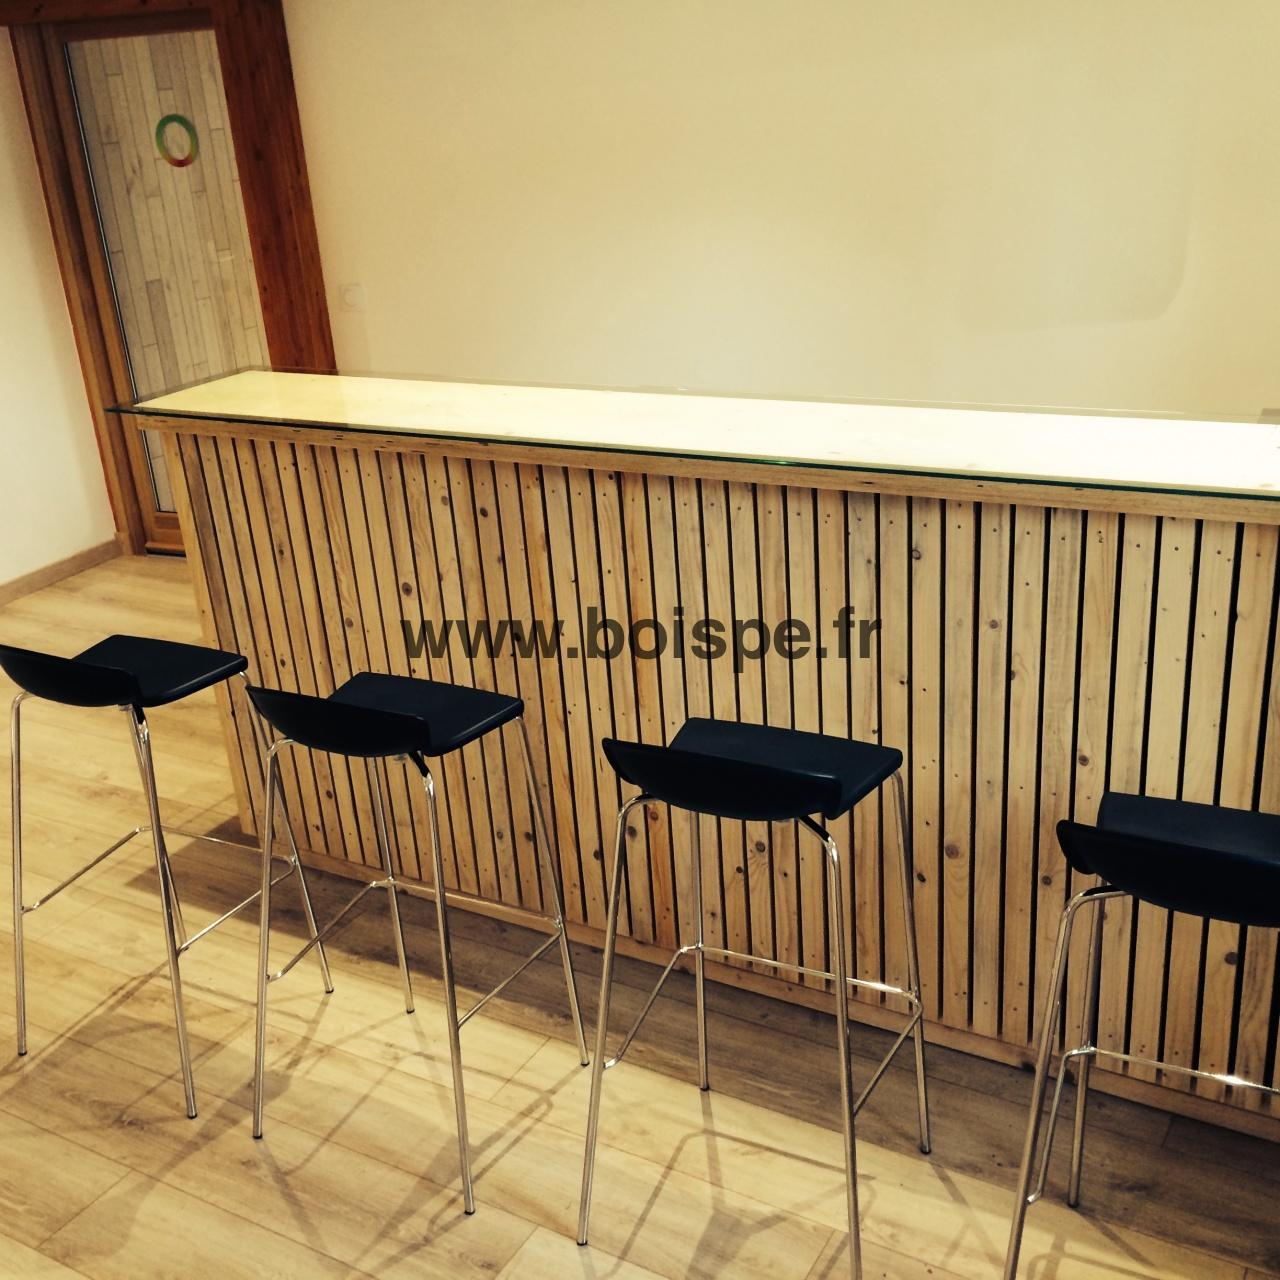 construire meuble bar diy fabriquer des meubles pour maison playmobil dessine moi un with. Black Bedroom Furniture Sets. Home Design Ideas